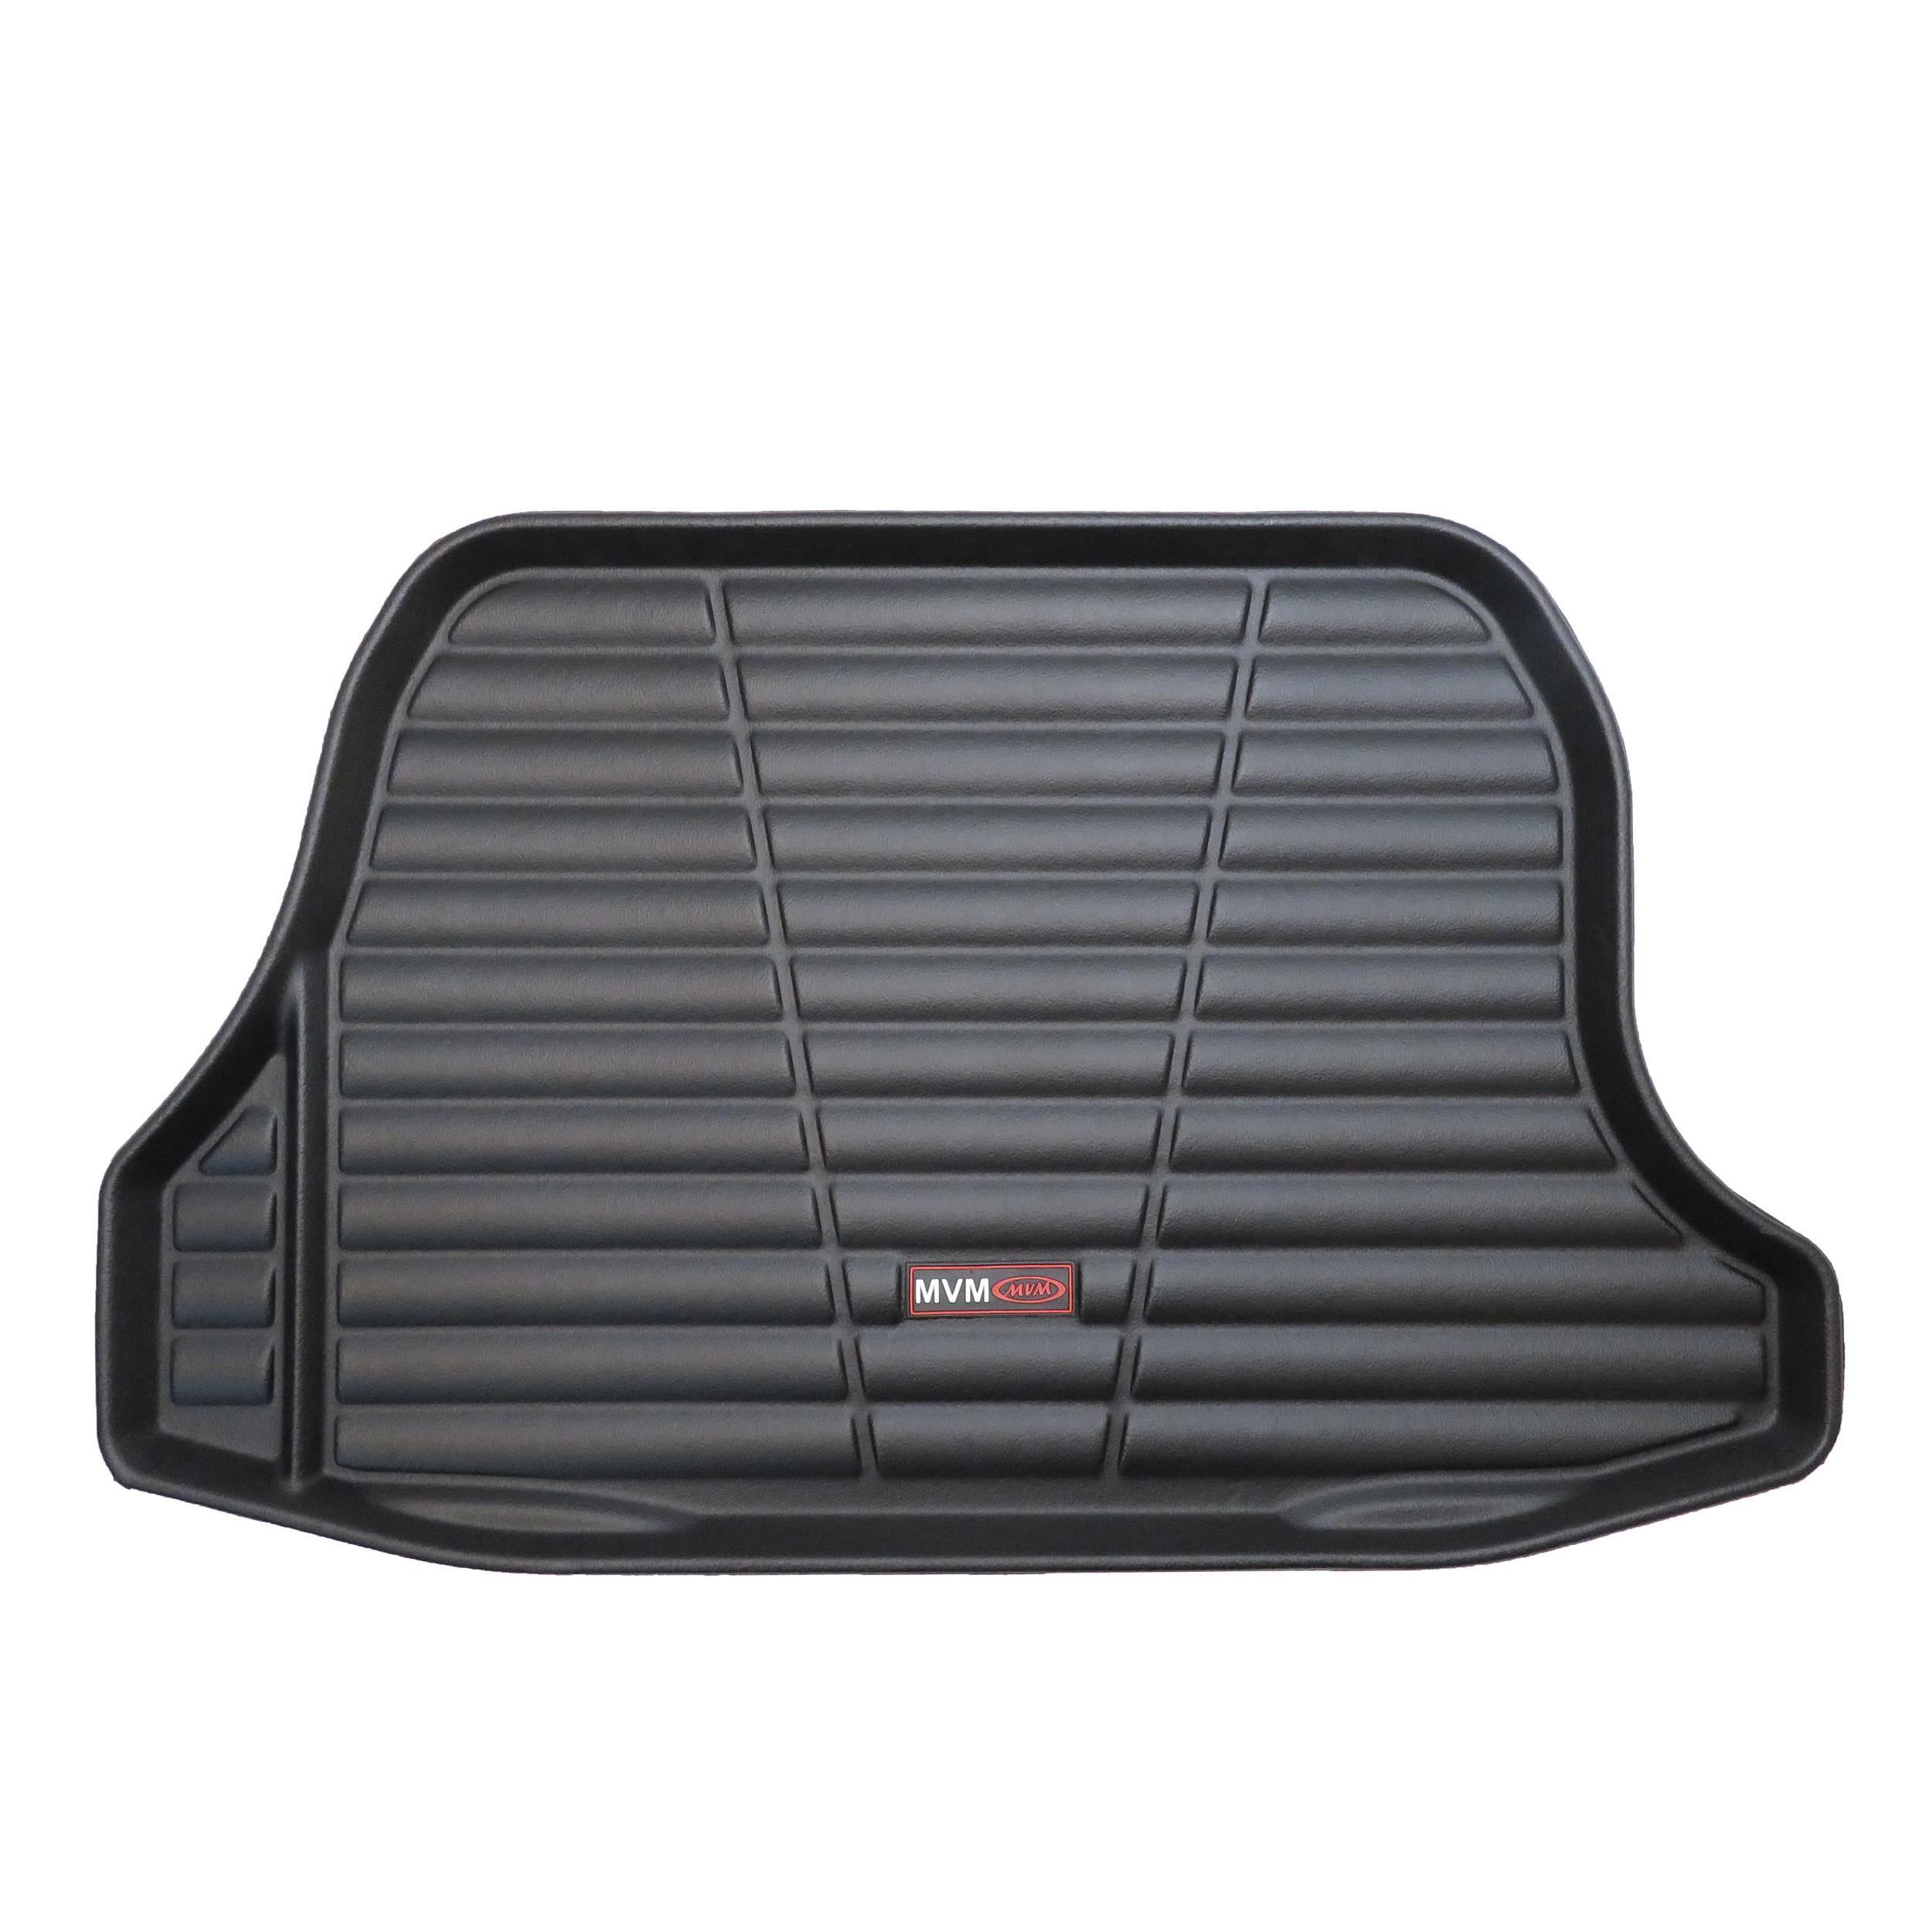 کفپوش سه بعدی صندوق خودرو مدل M22TR مناسب برای MVM X22